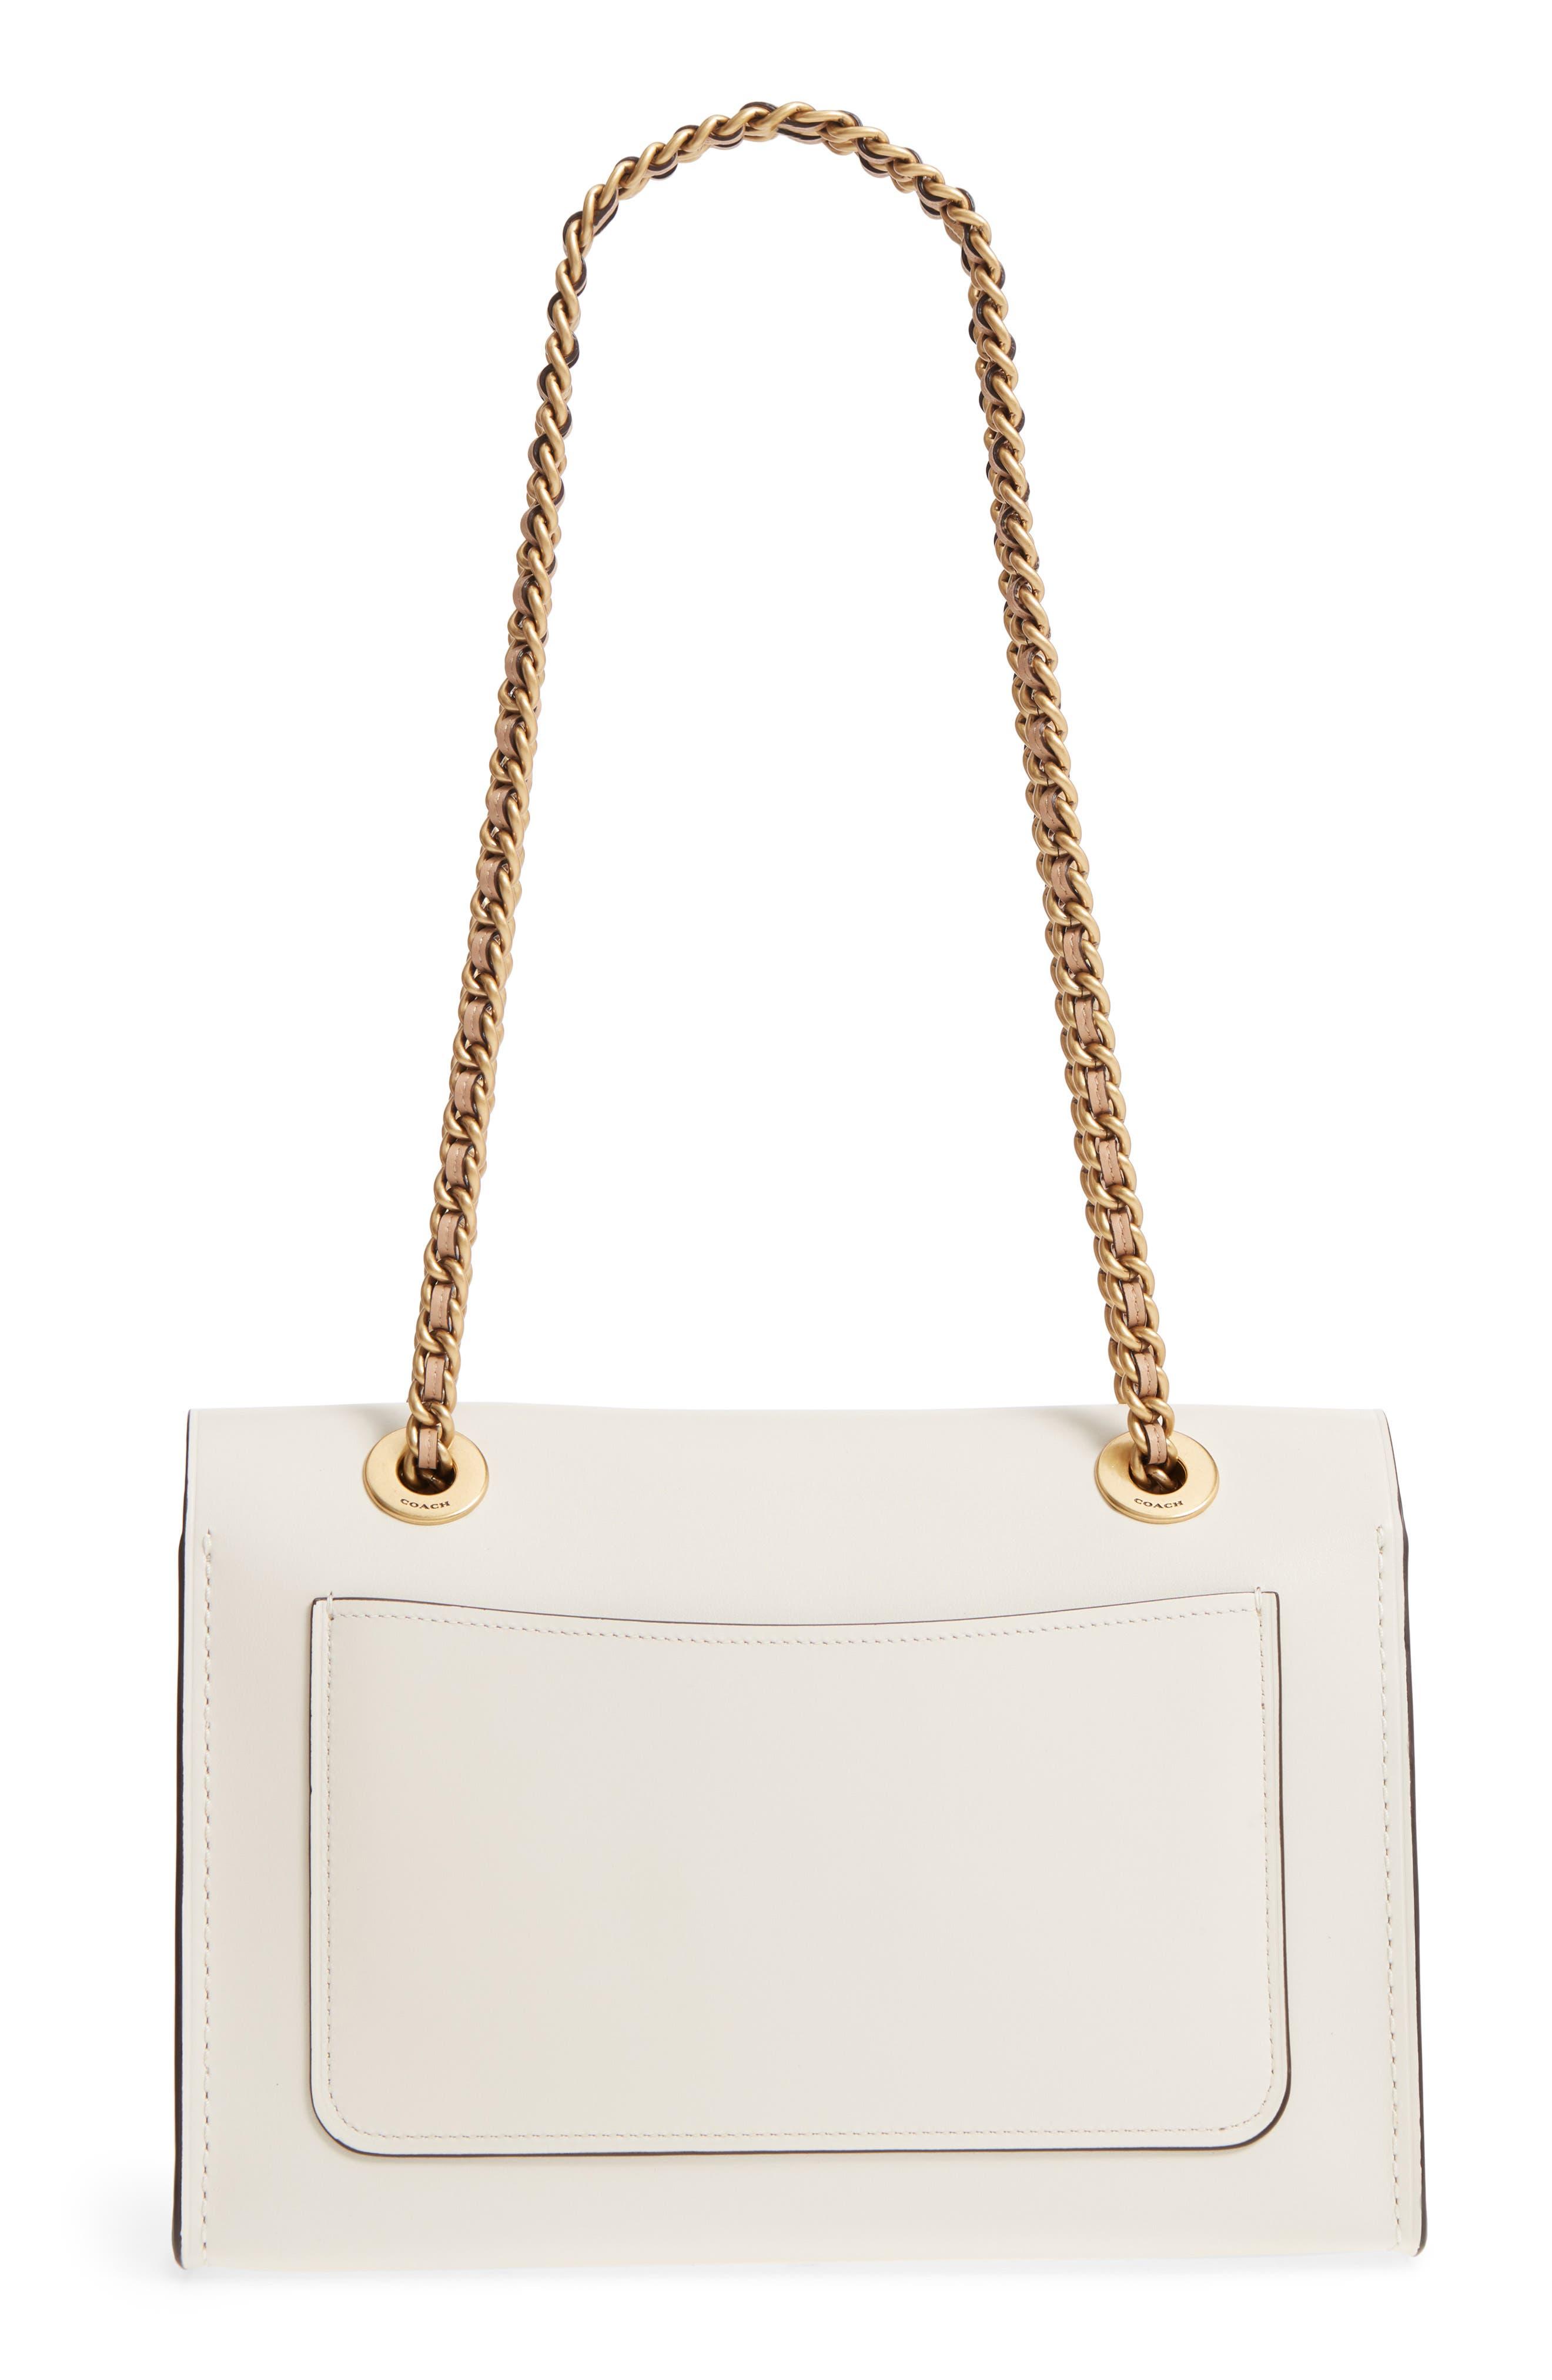 Parker Floral Embellished Leather Shoulder Bag,                             Alternate thumbnail 3, color,                             Chalk Multi